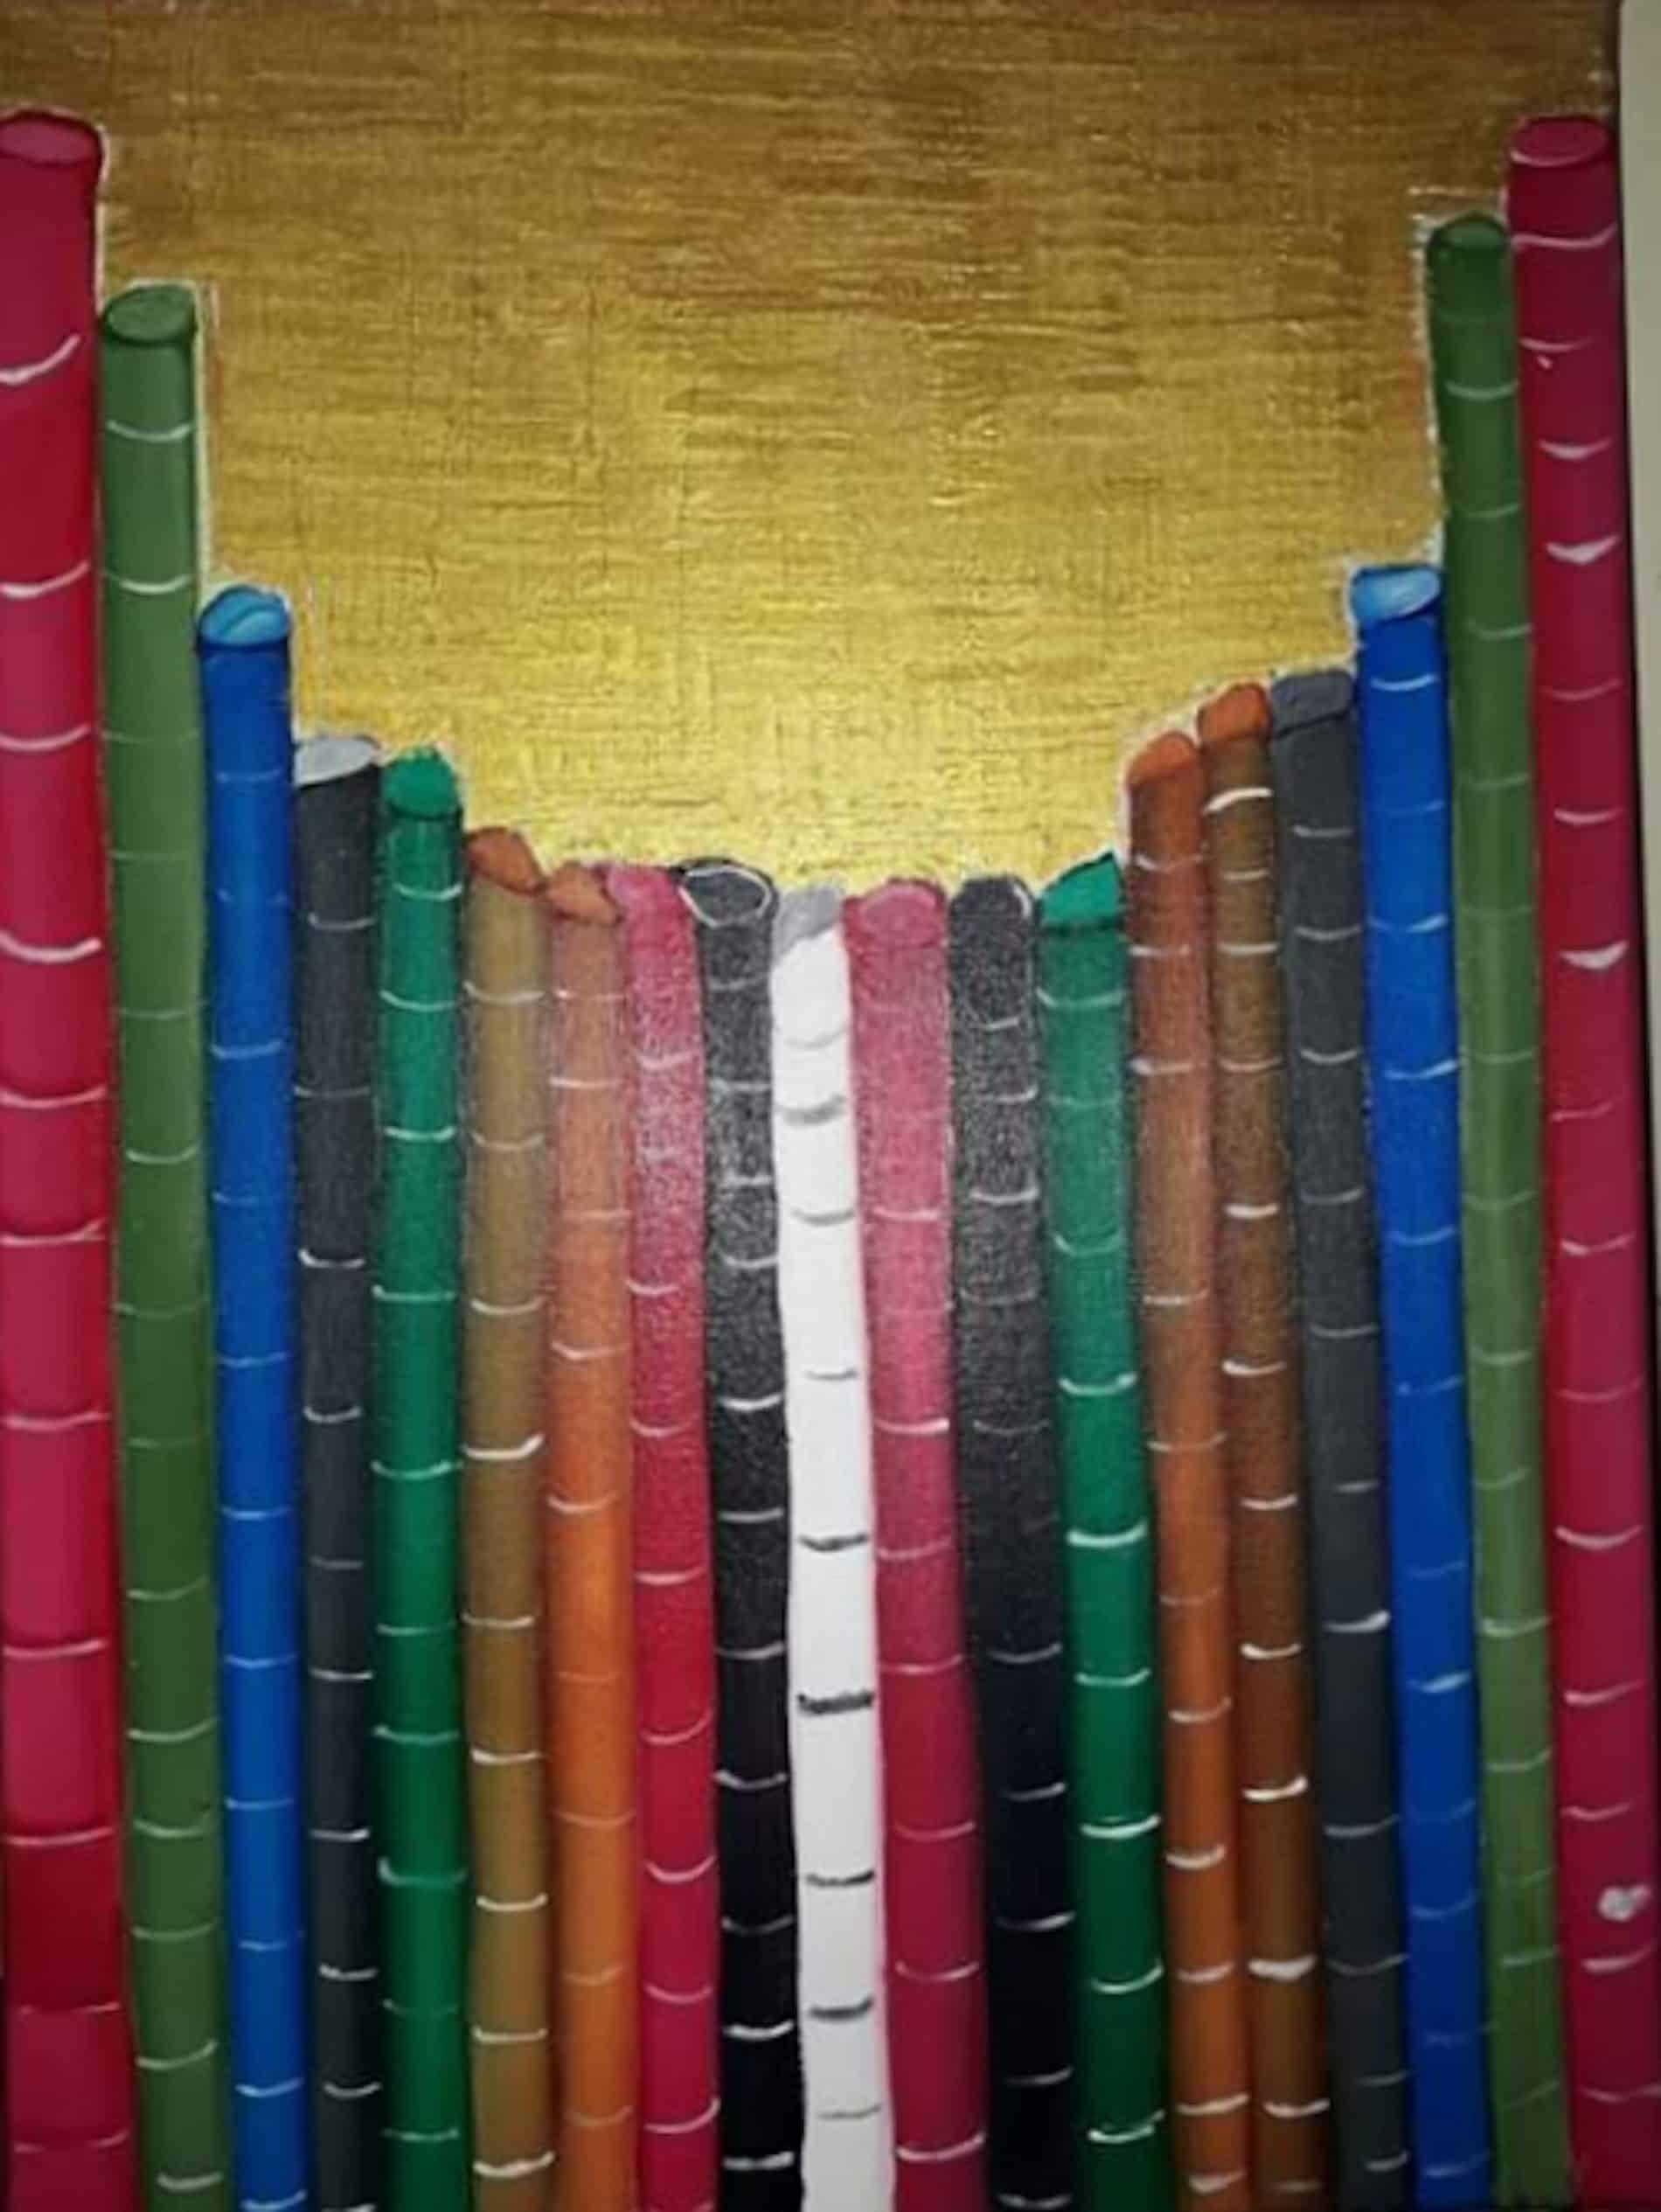 mauritius_arts_juliana_jean_colourful_bamboo